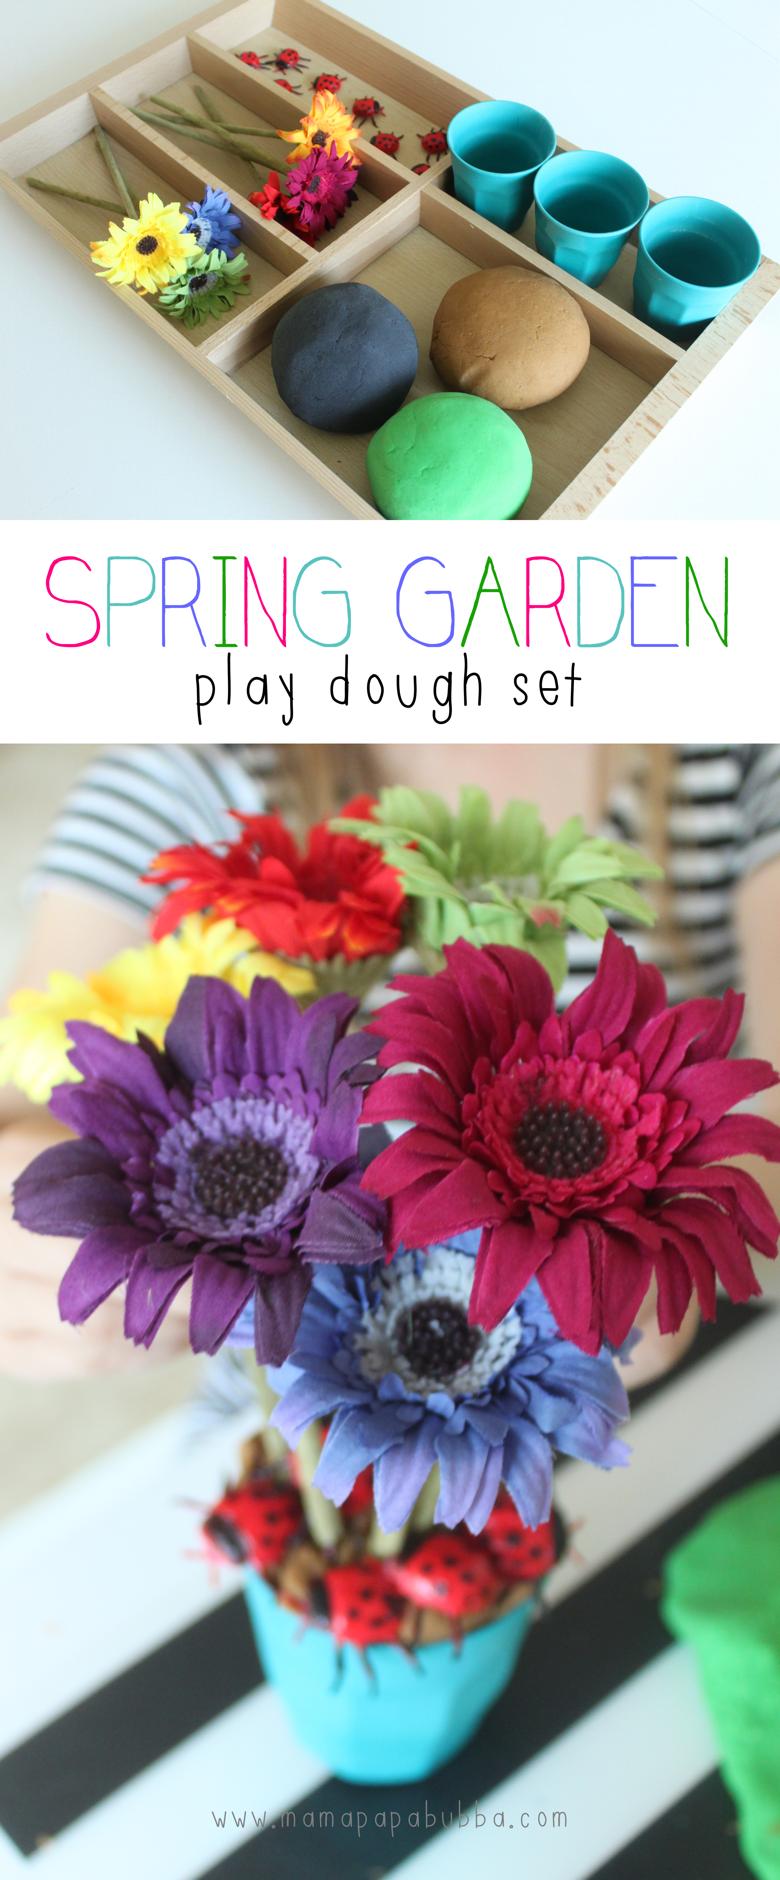 Spring Garden Play Dough Set   Mama Papa Bubba